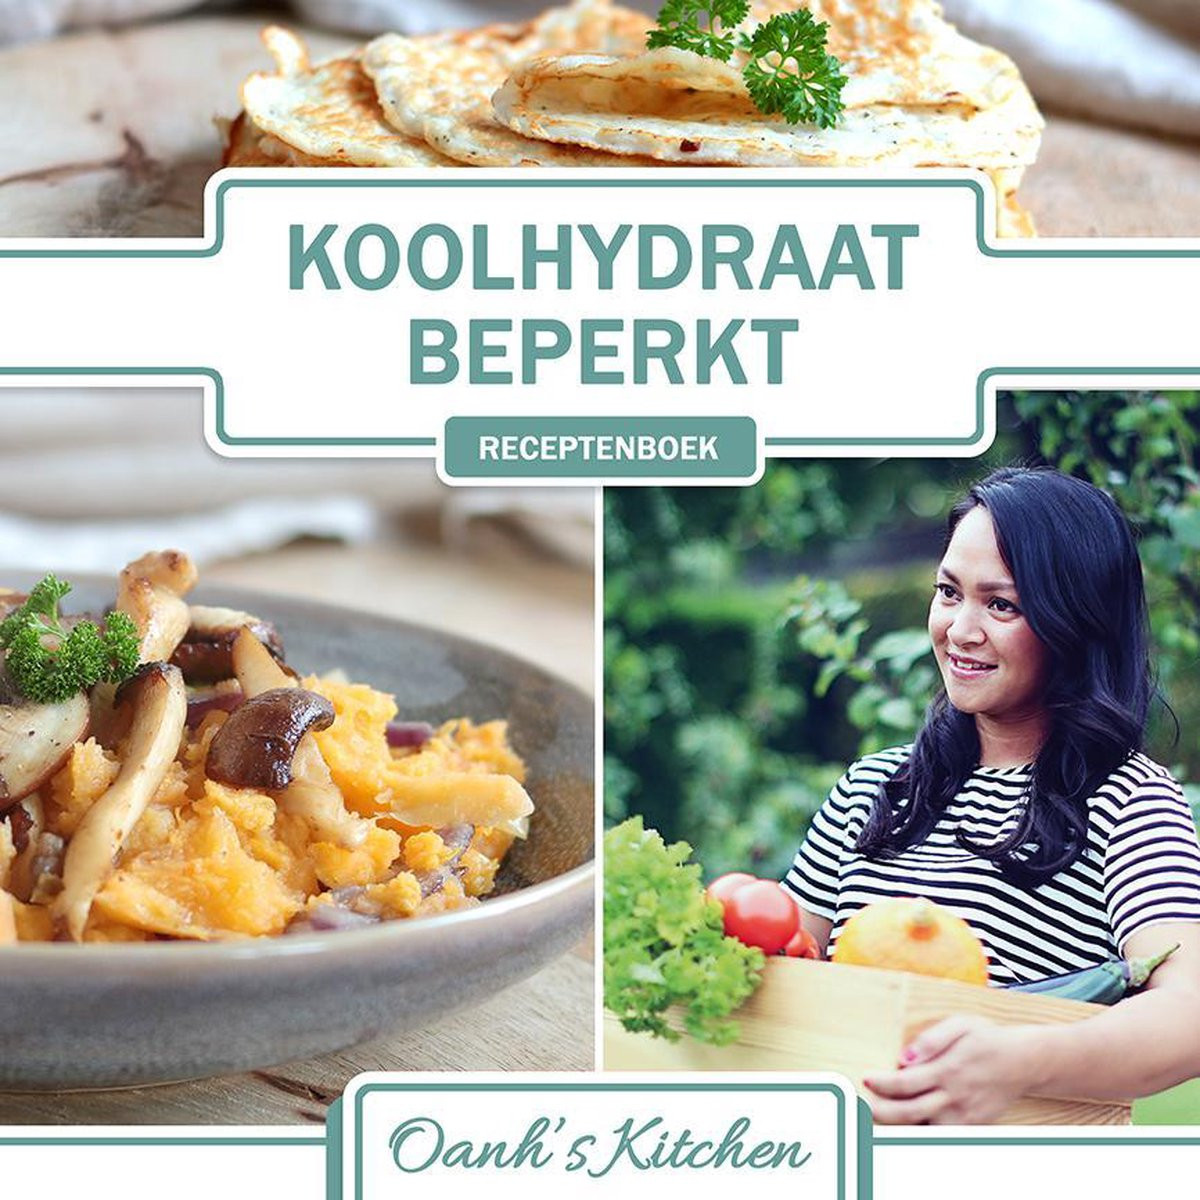 Koolhydraat Beperkt Receptenboek